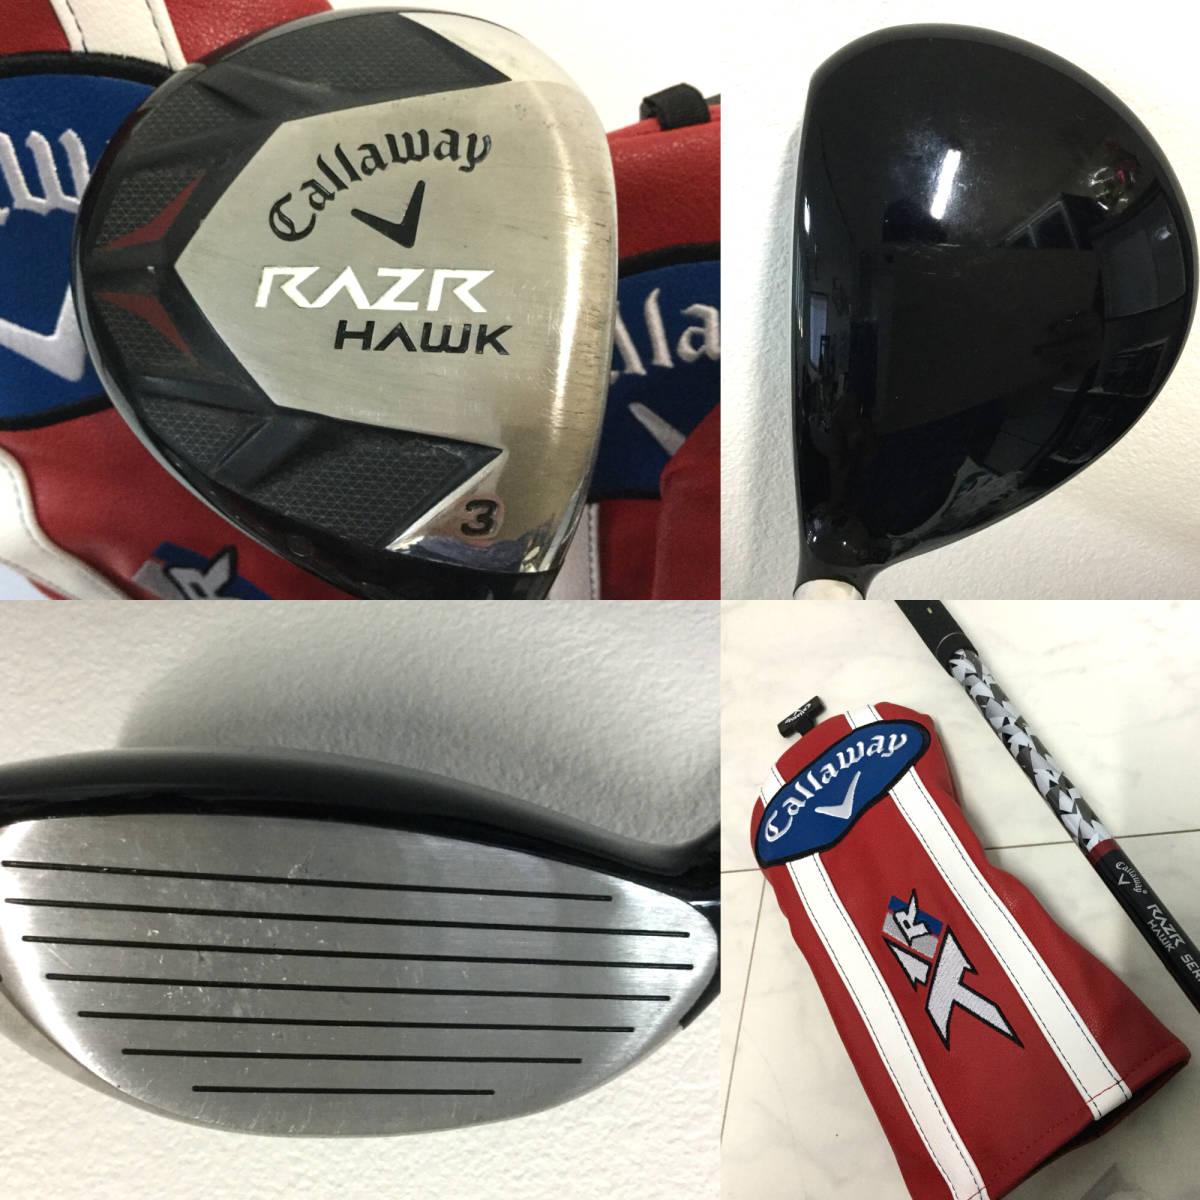 大人気キャロウェイ RAZRシリーズ&X20アイアン!グリップ綺麗です☆初めてのゴルフセットにおススメ!_画像3